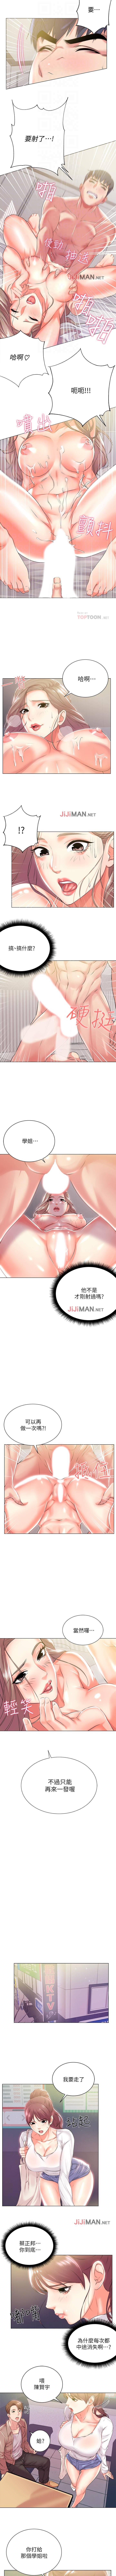 【周三连载】超市的漂亮姐姐(作者:北鼻&逃兵) 第1~40话 69